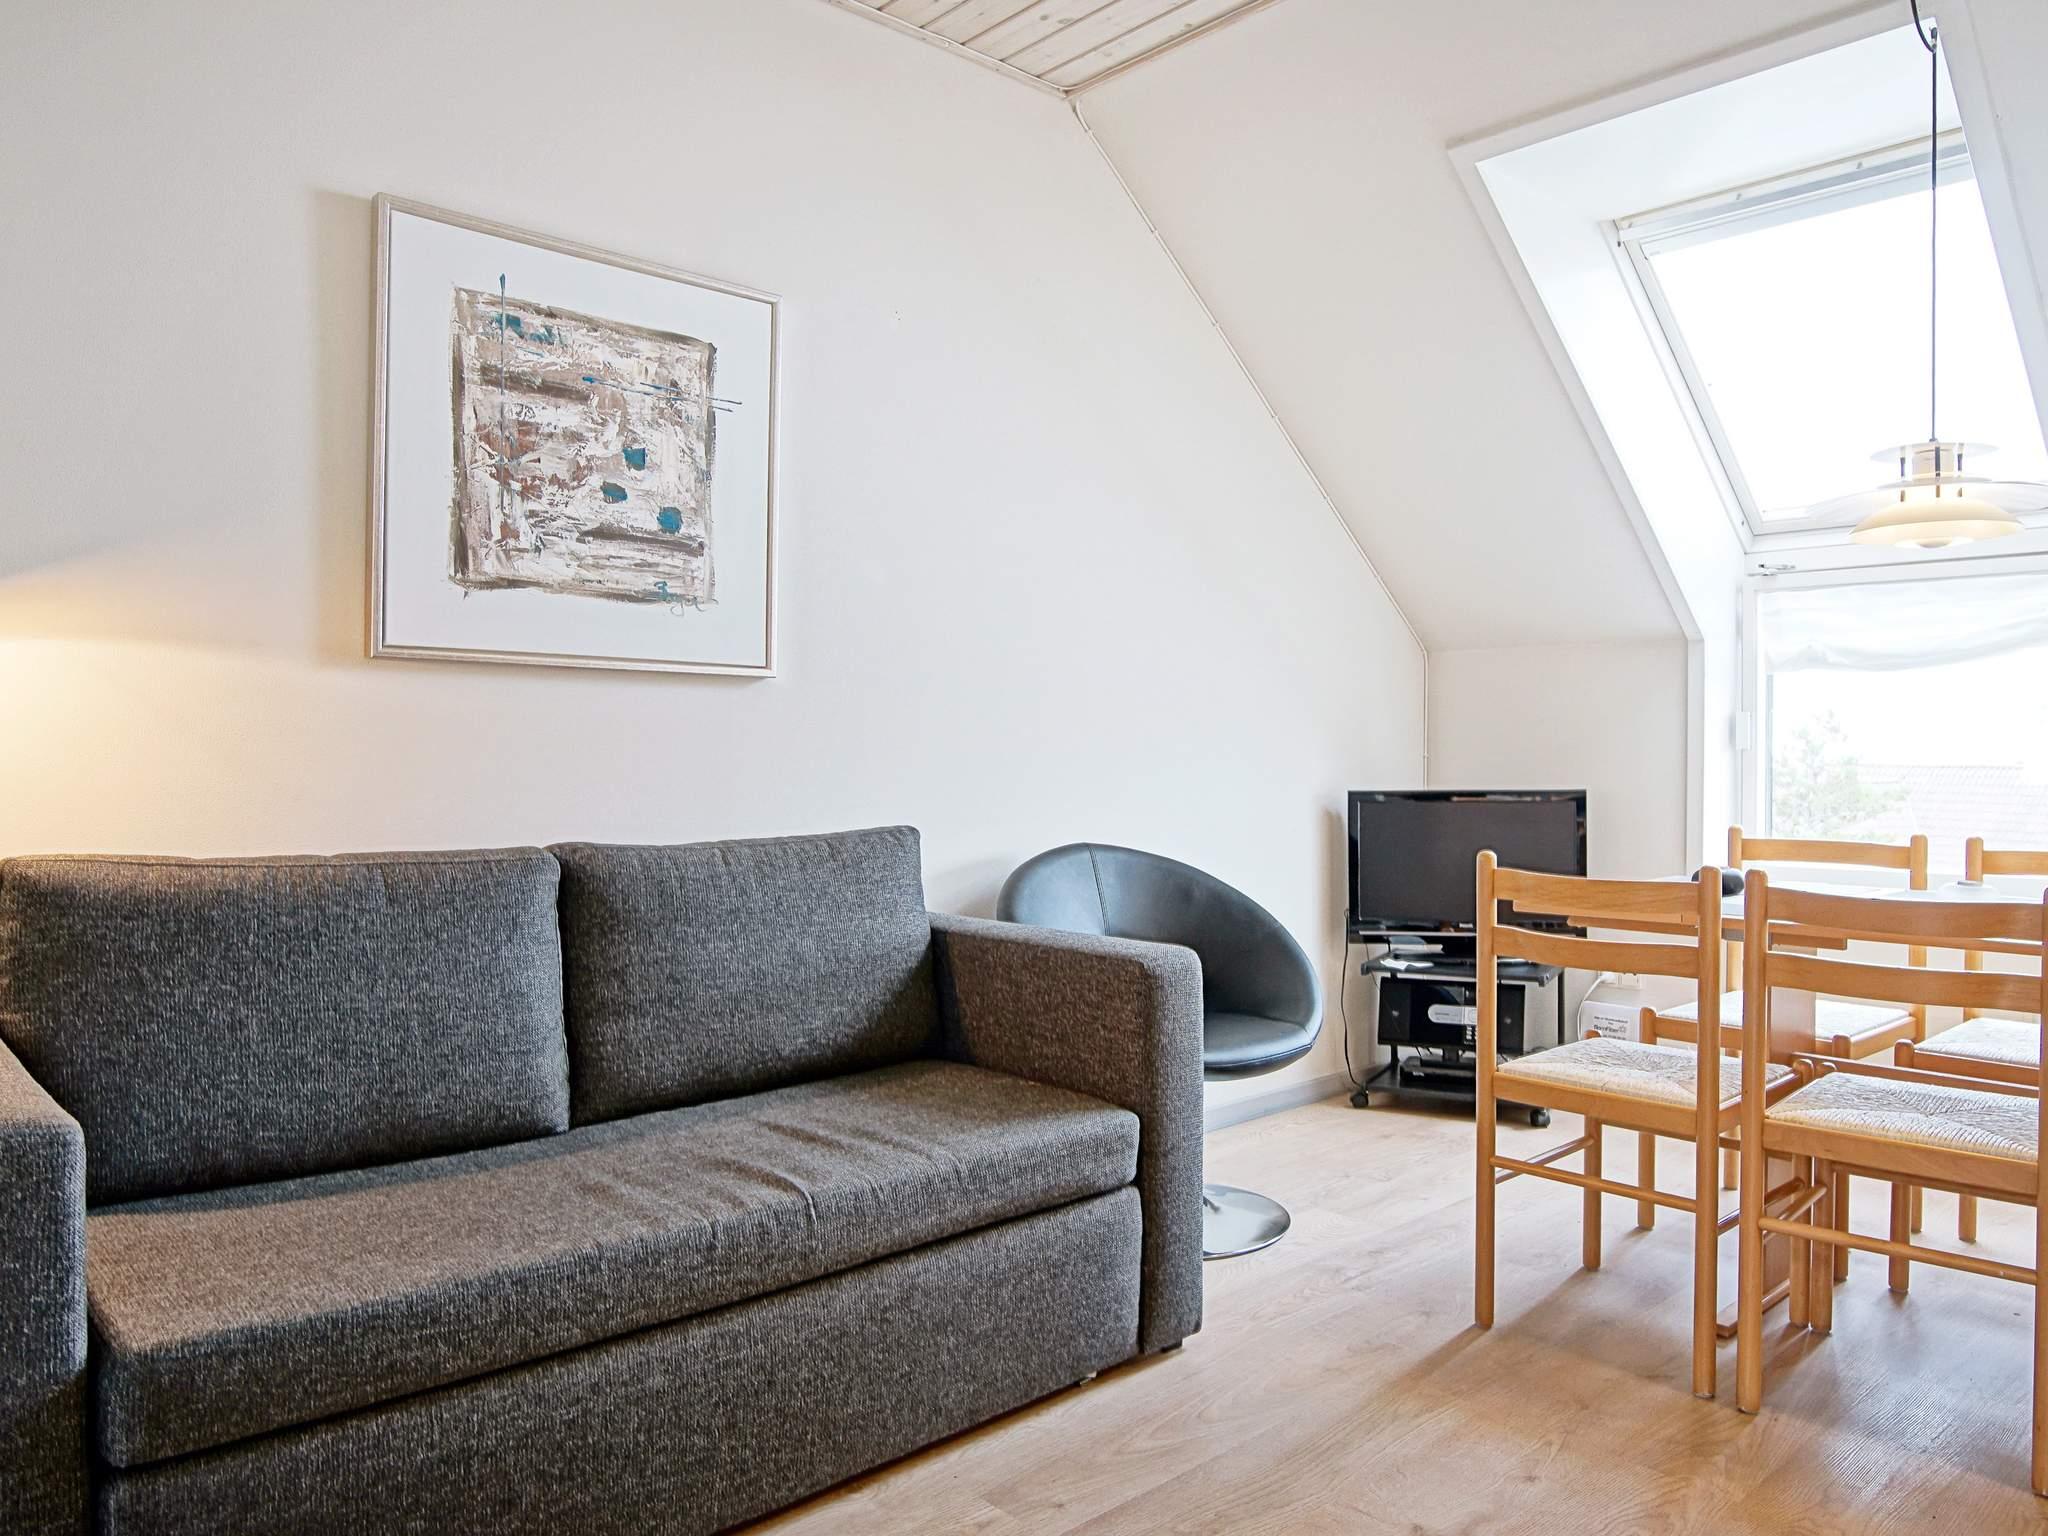 Ferienhaus Gudhjem (385016), Gudhjem, , Bornholm, Dänemark, Bild 2